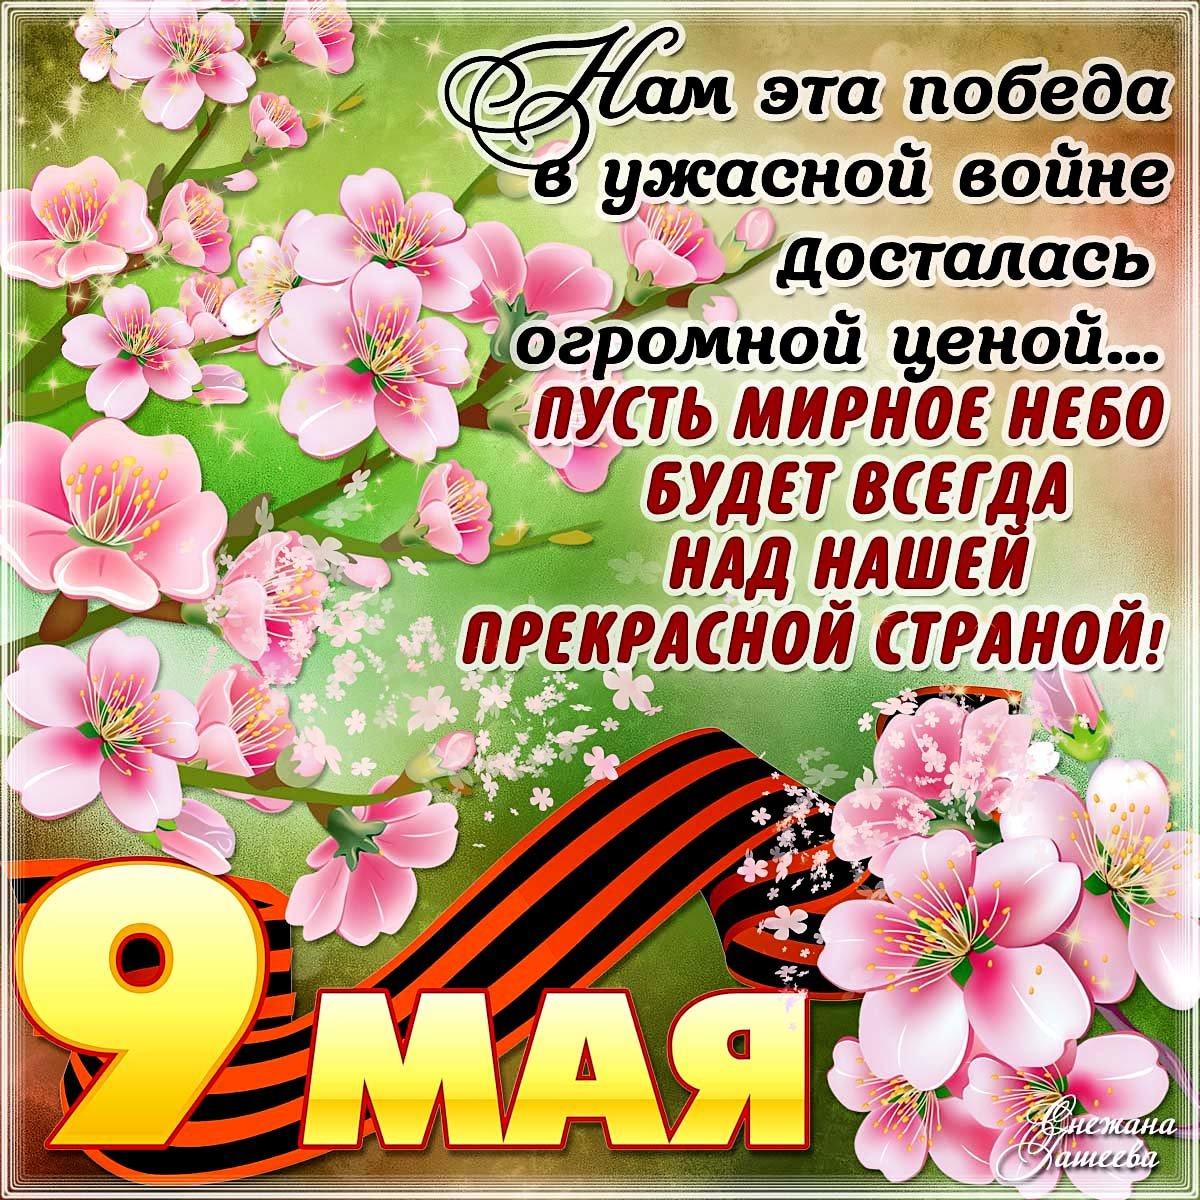 Поздравления с 9 мая по-татарски